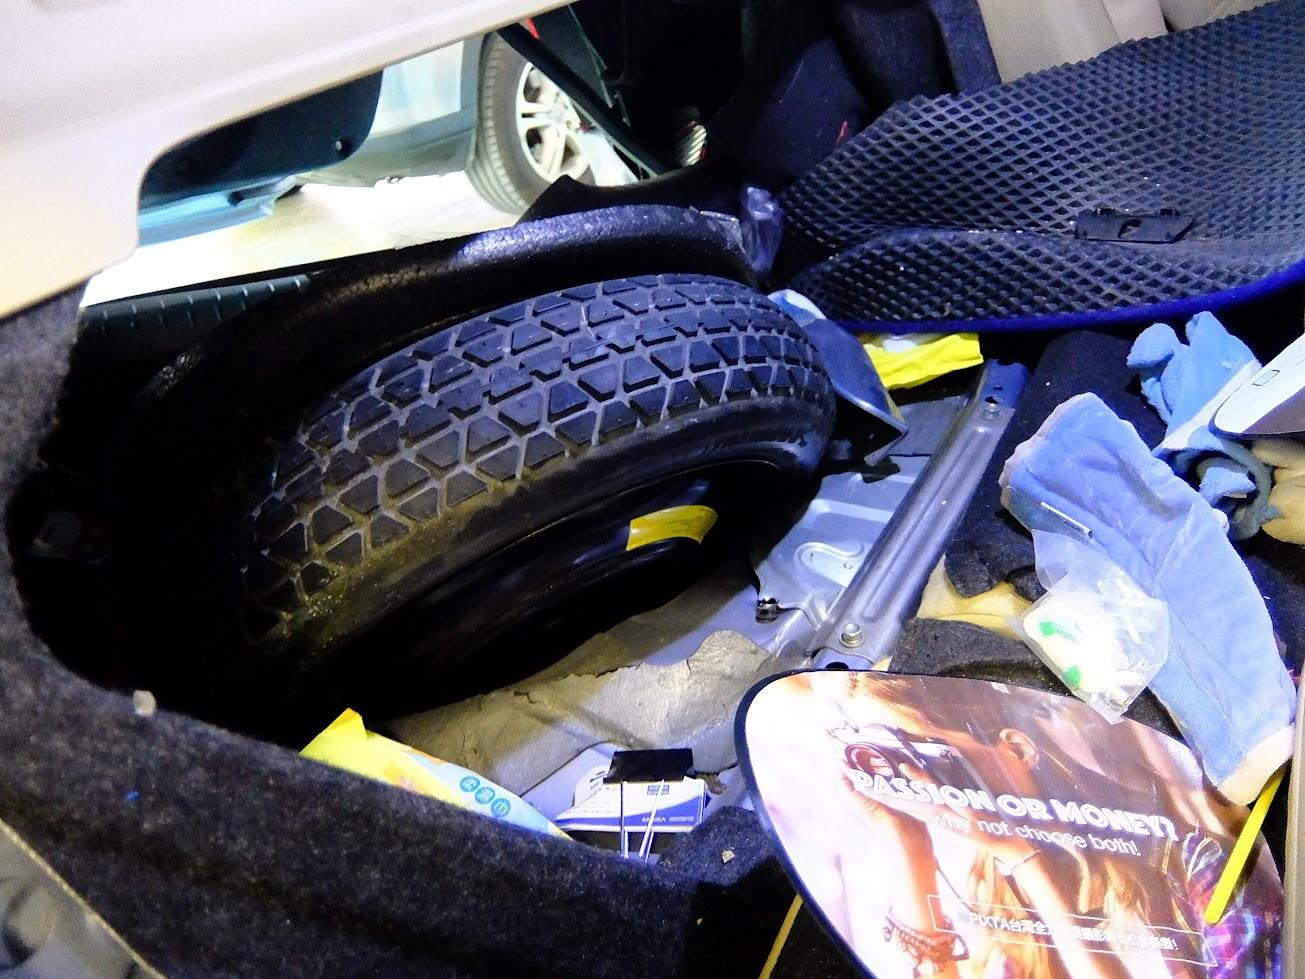 從車內看(這是將後座拆掉看到的),備胎整個推到前面,不過車室是完整的,僅有撞擊區域潰縮